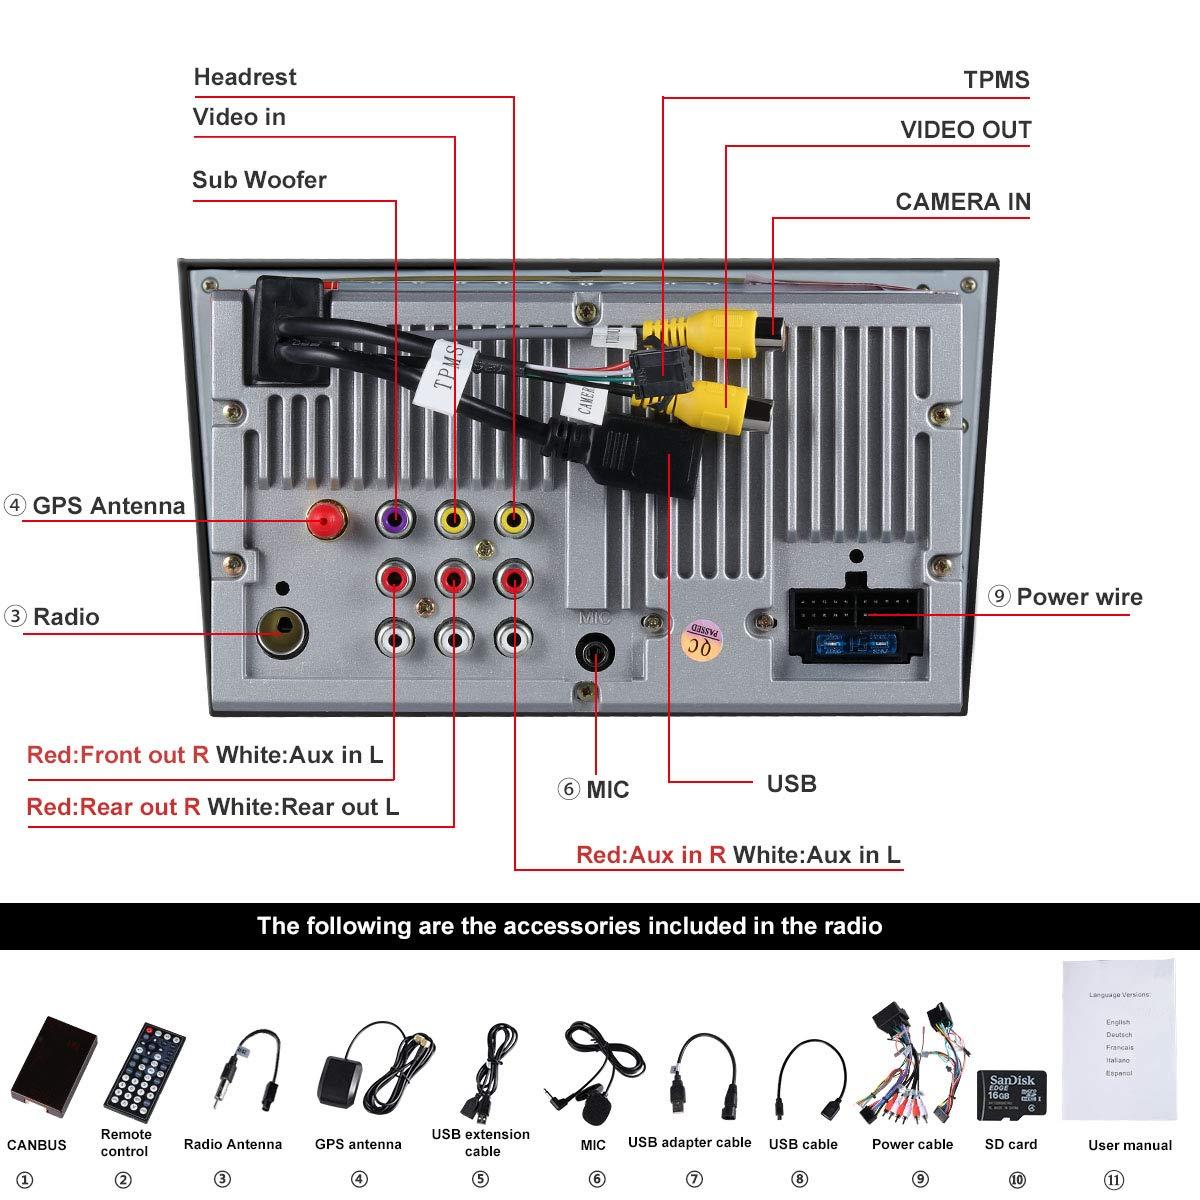 Hotaudio Car Stereo Satellite GPS Navigator para Opel, Unidad Head 7 Pulgadas 2 DIN Car Stereo con Soporte para Reproductor de CD y DVD GPS, USB SD, ...